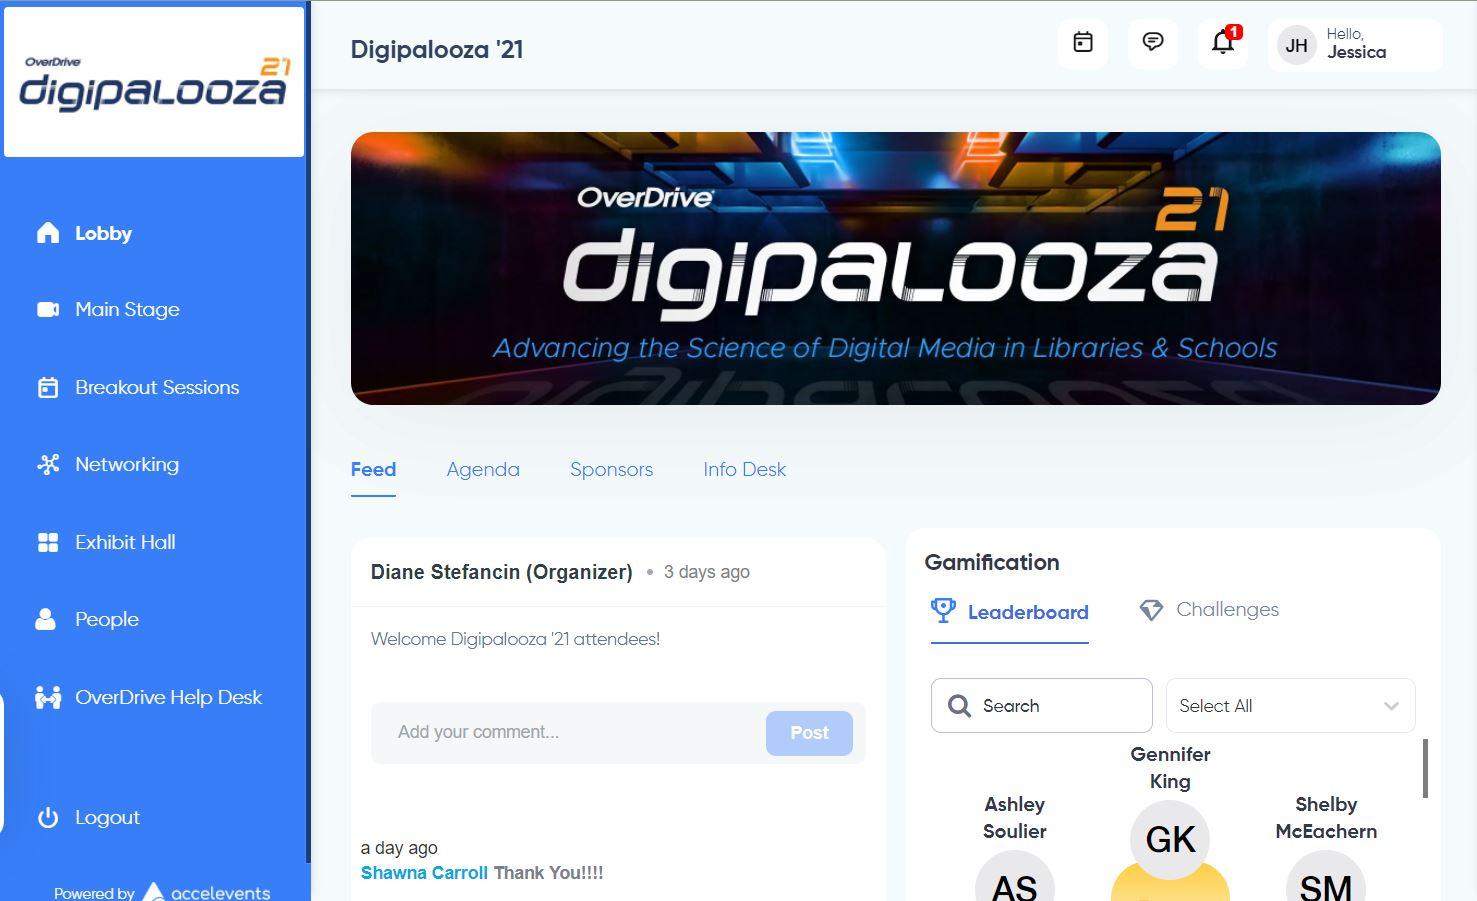 Digipalooza homepage